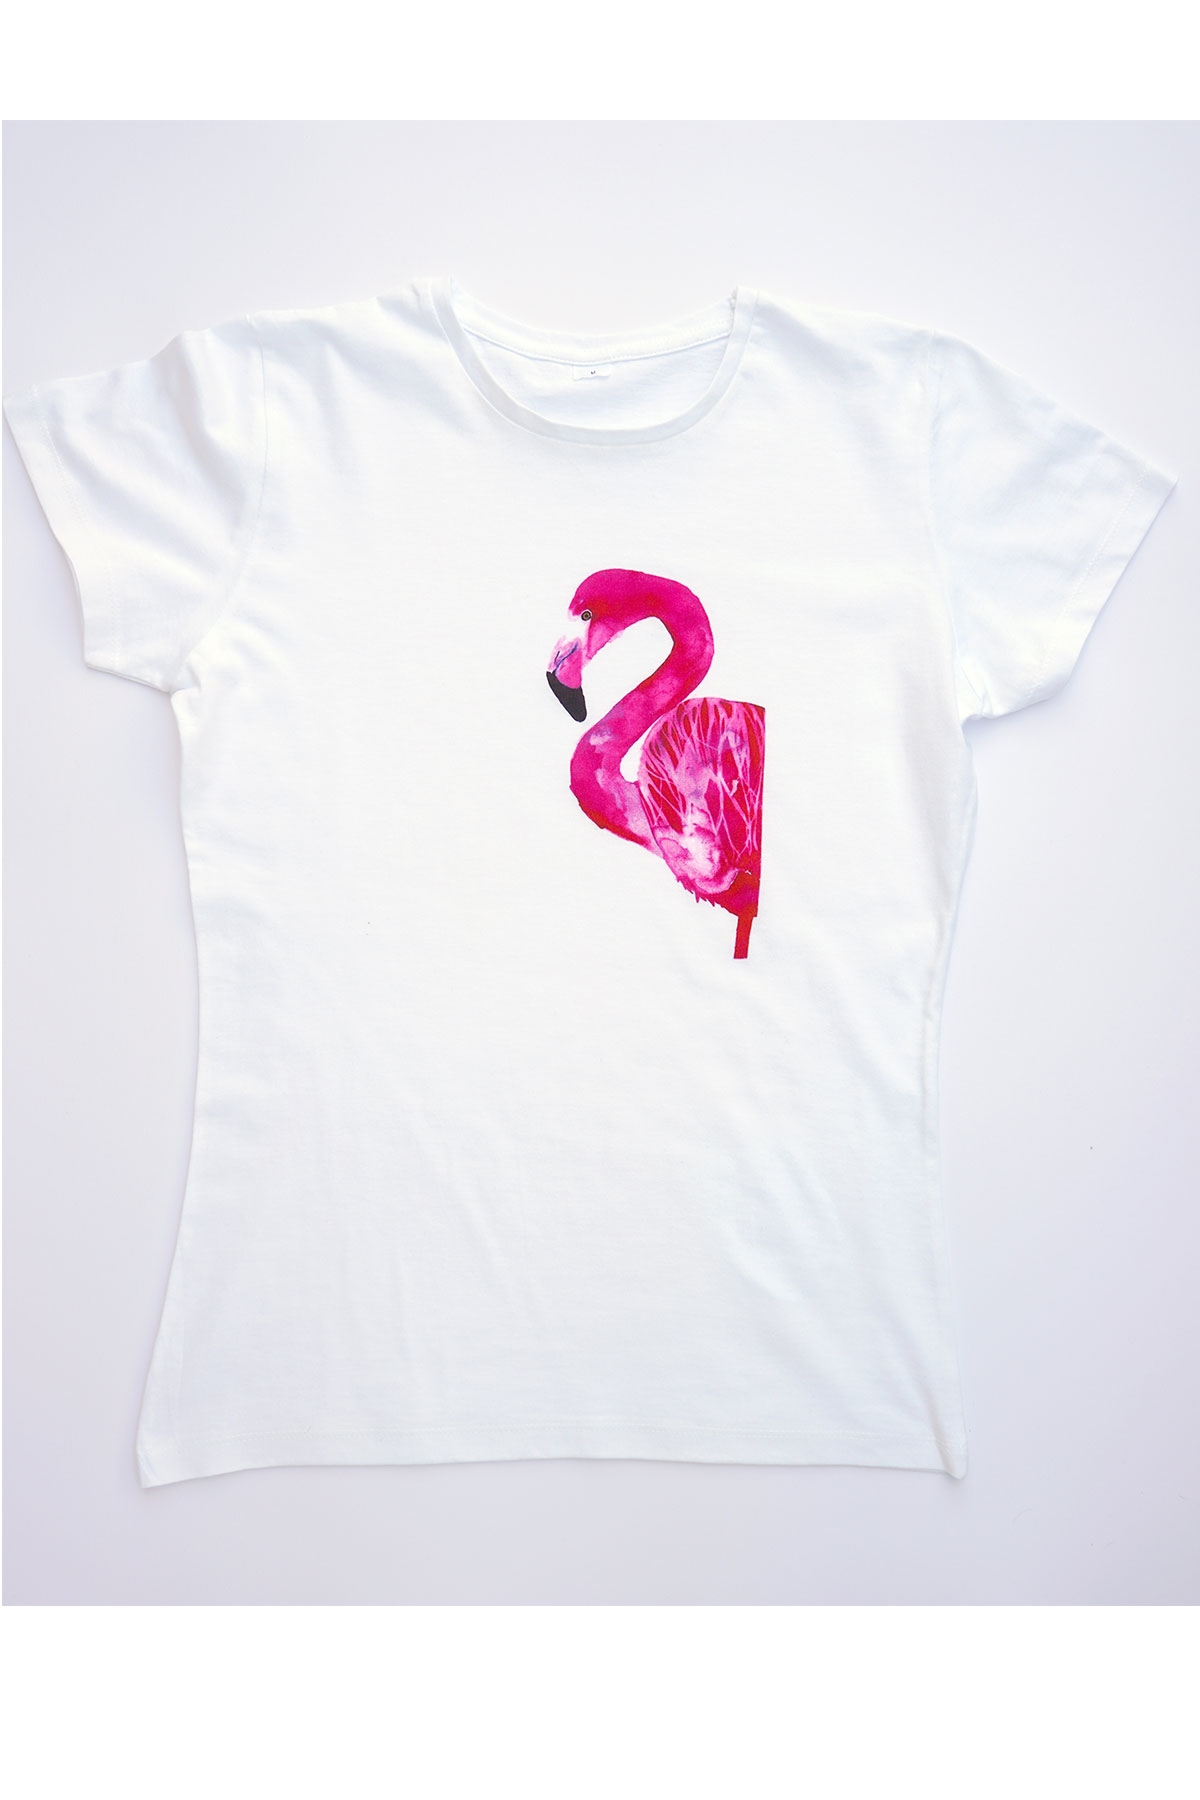 Бяла тениска Фламингото / VЯRA за MUSE SHOP